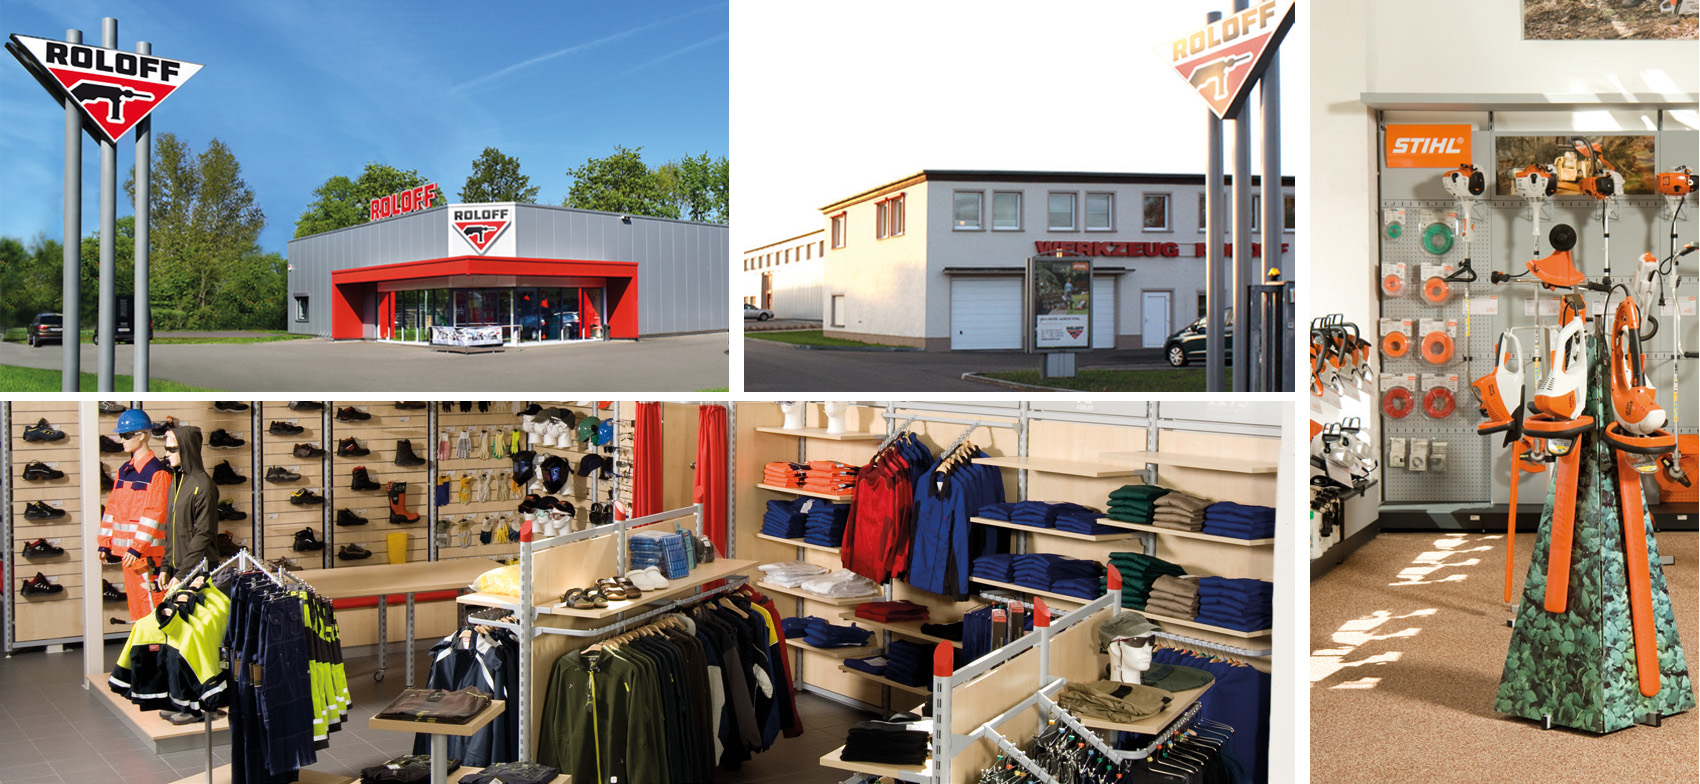 Werkzeug Roloff GmbH